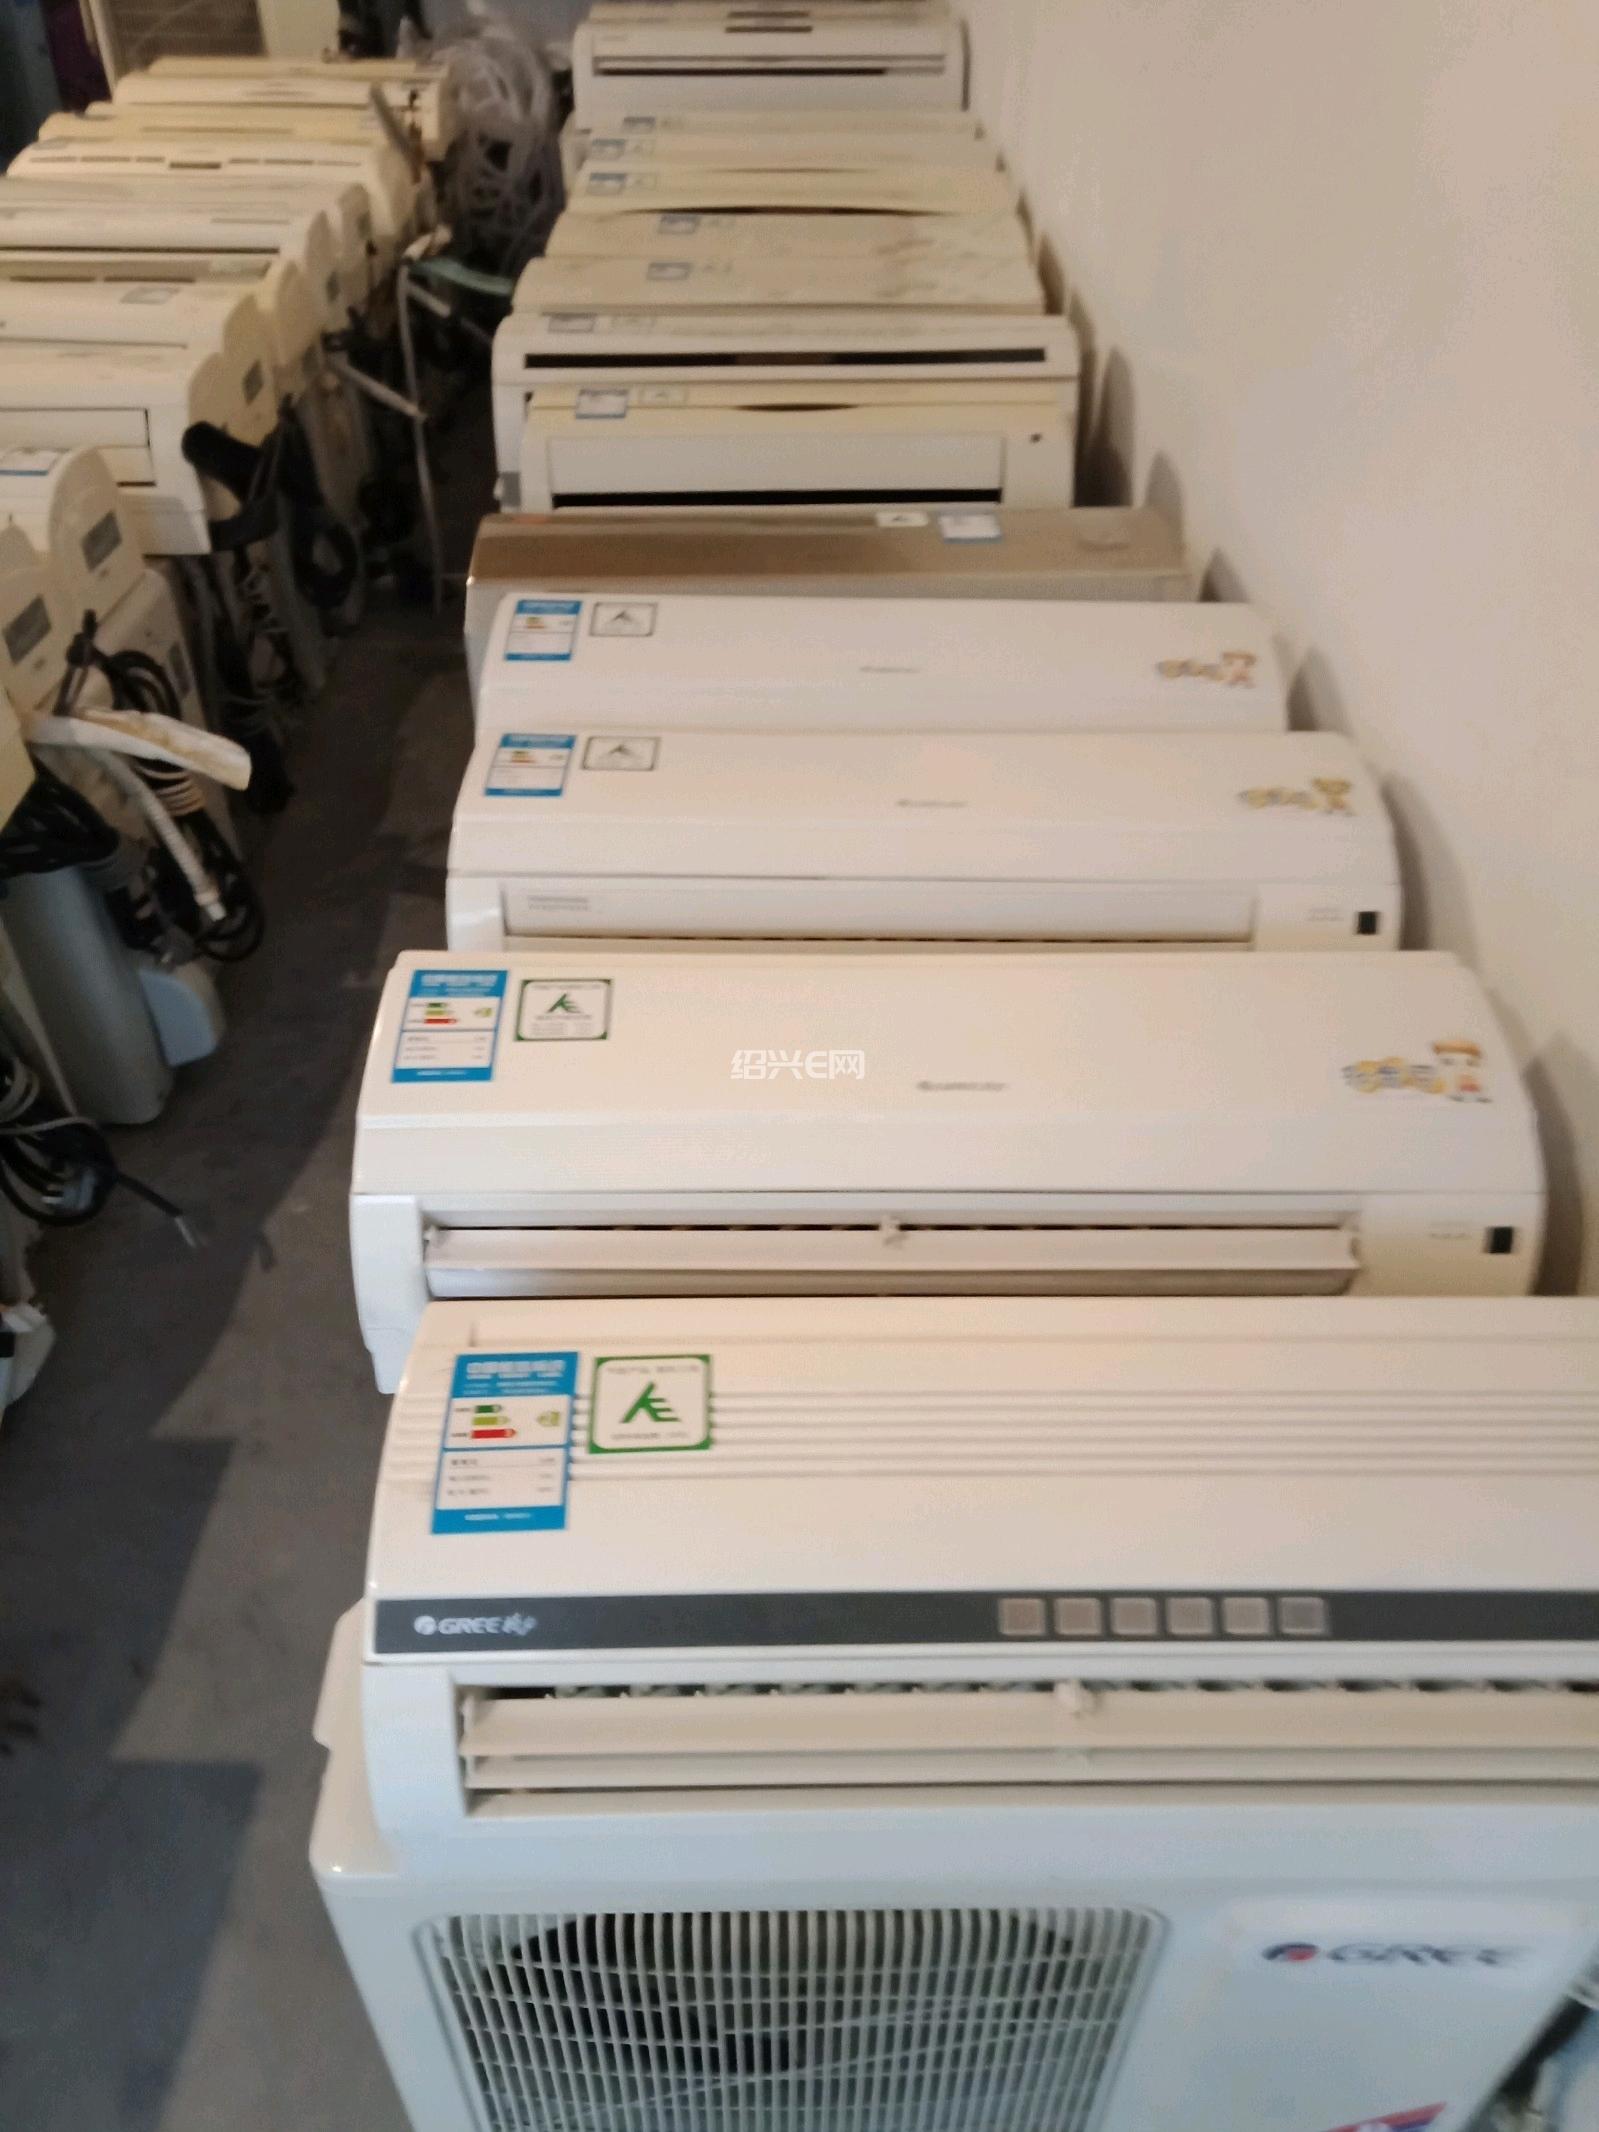 大量出售出租1----5匹新旧空调。价格实惠,服务到位!空调维修保养加液等服务!另回收各类二手